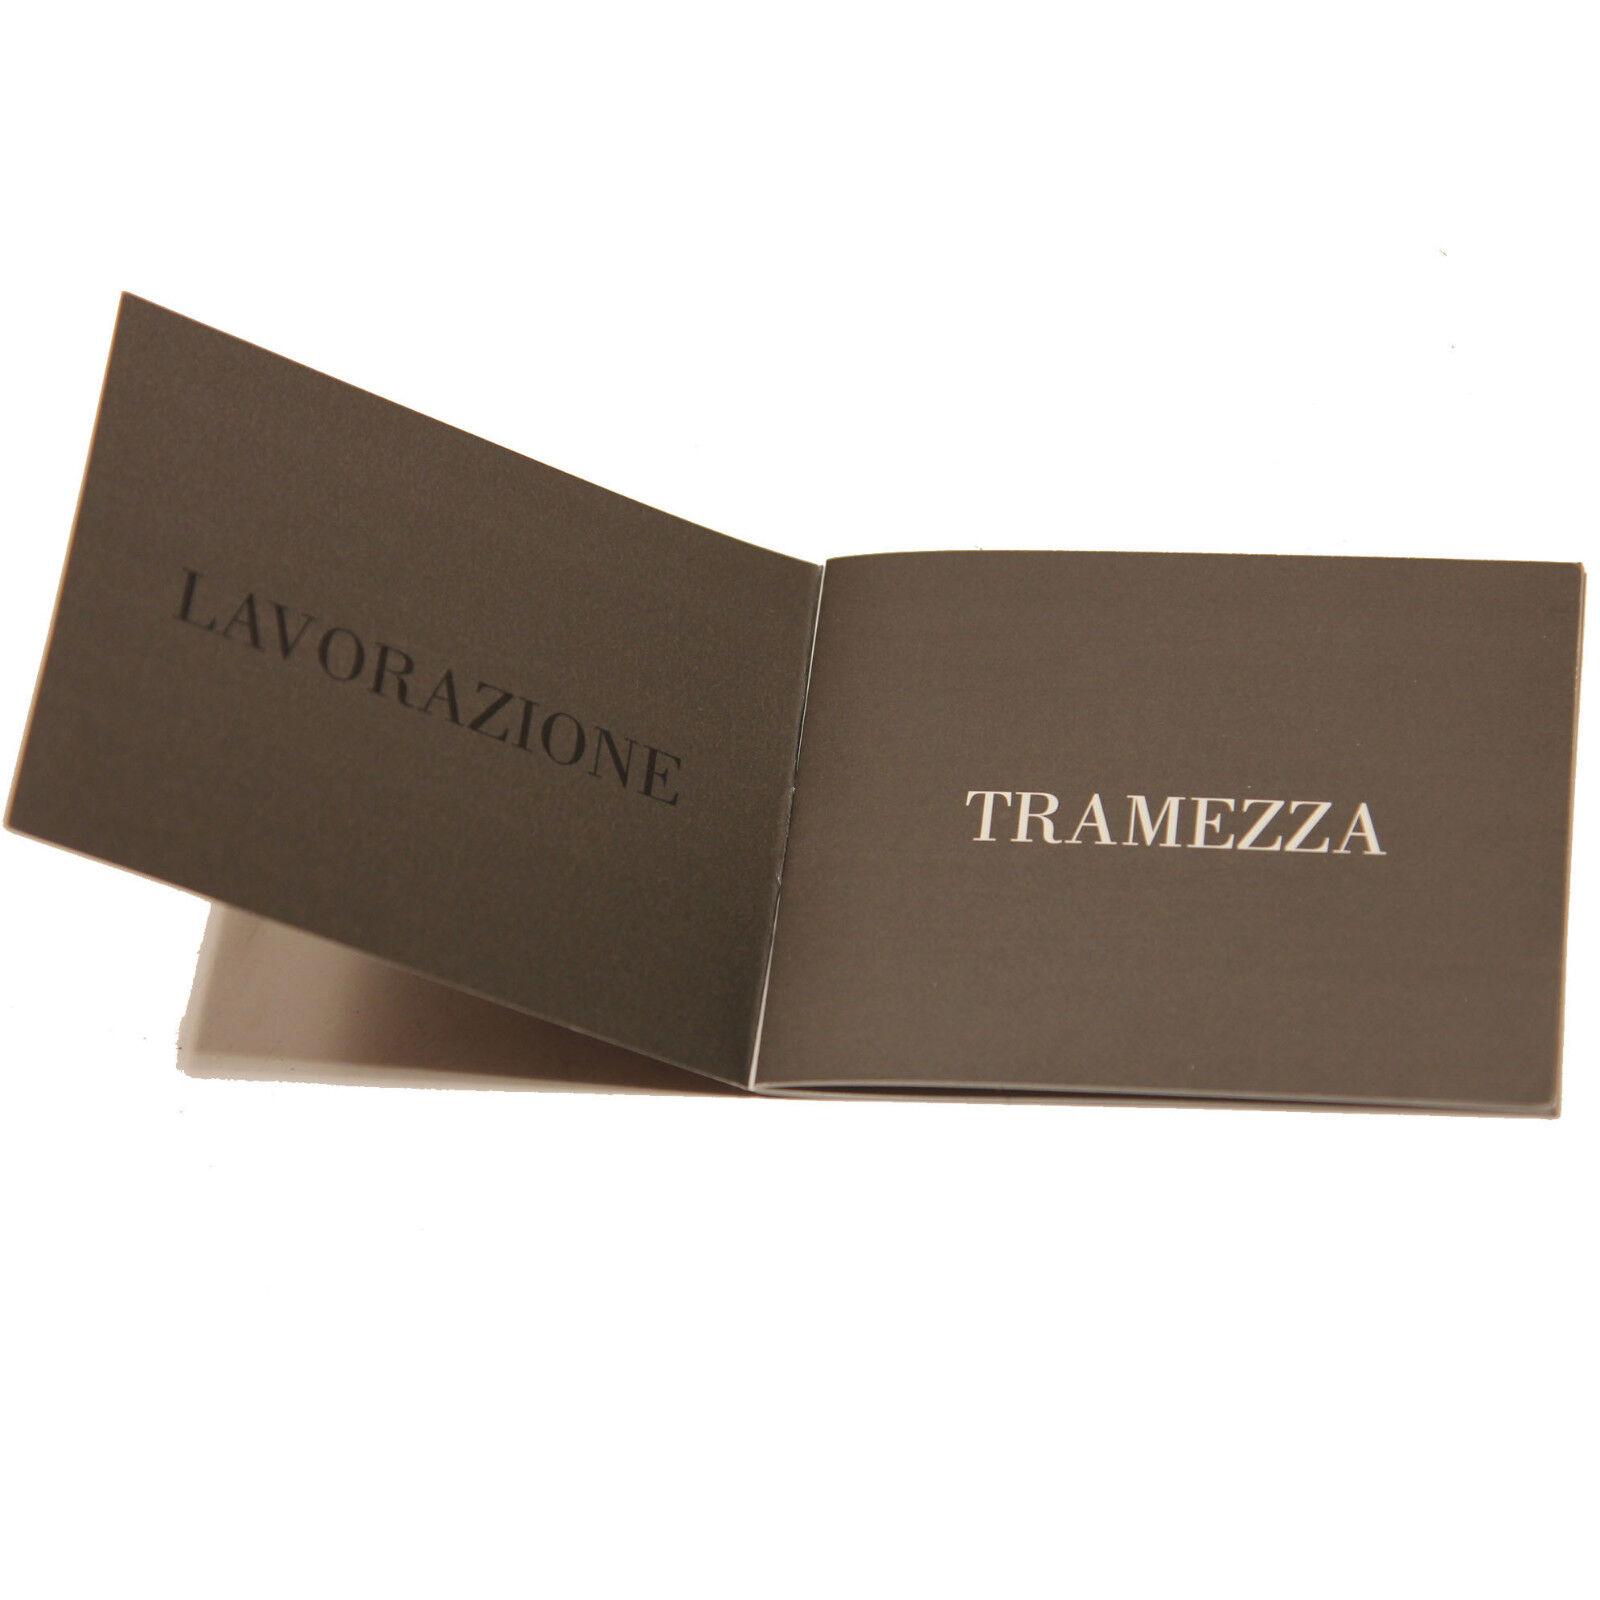 FERRAGAMO TRAMEZZA Monk Strap marrone Suede Pelle Pelle Pelle Uomo 10.5 Dress Wingtip Oxford 2540dd